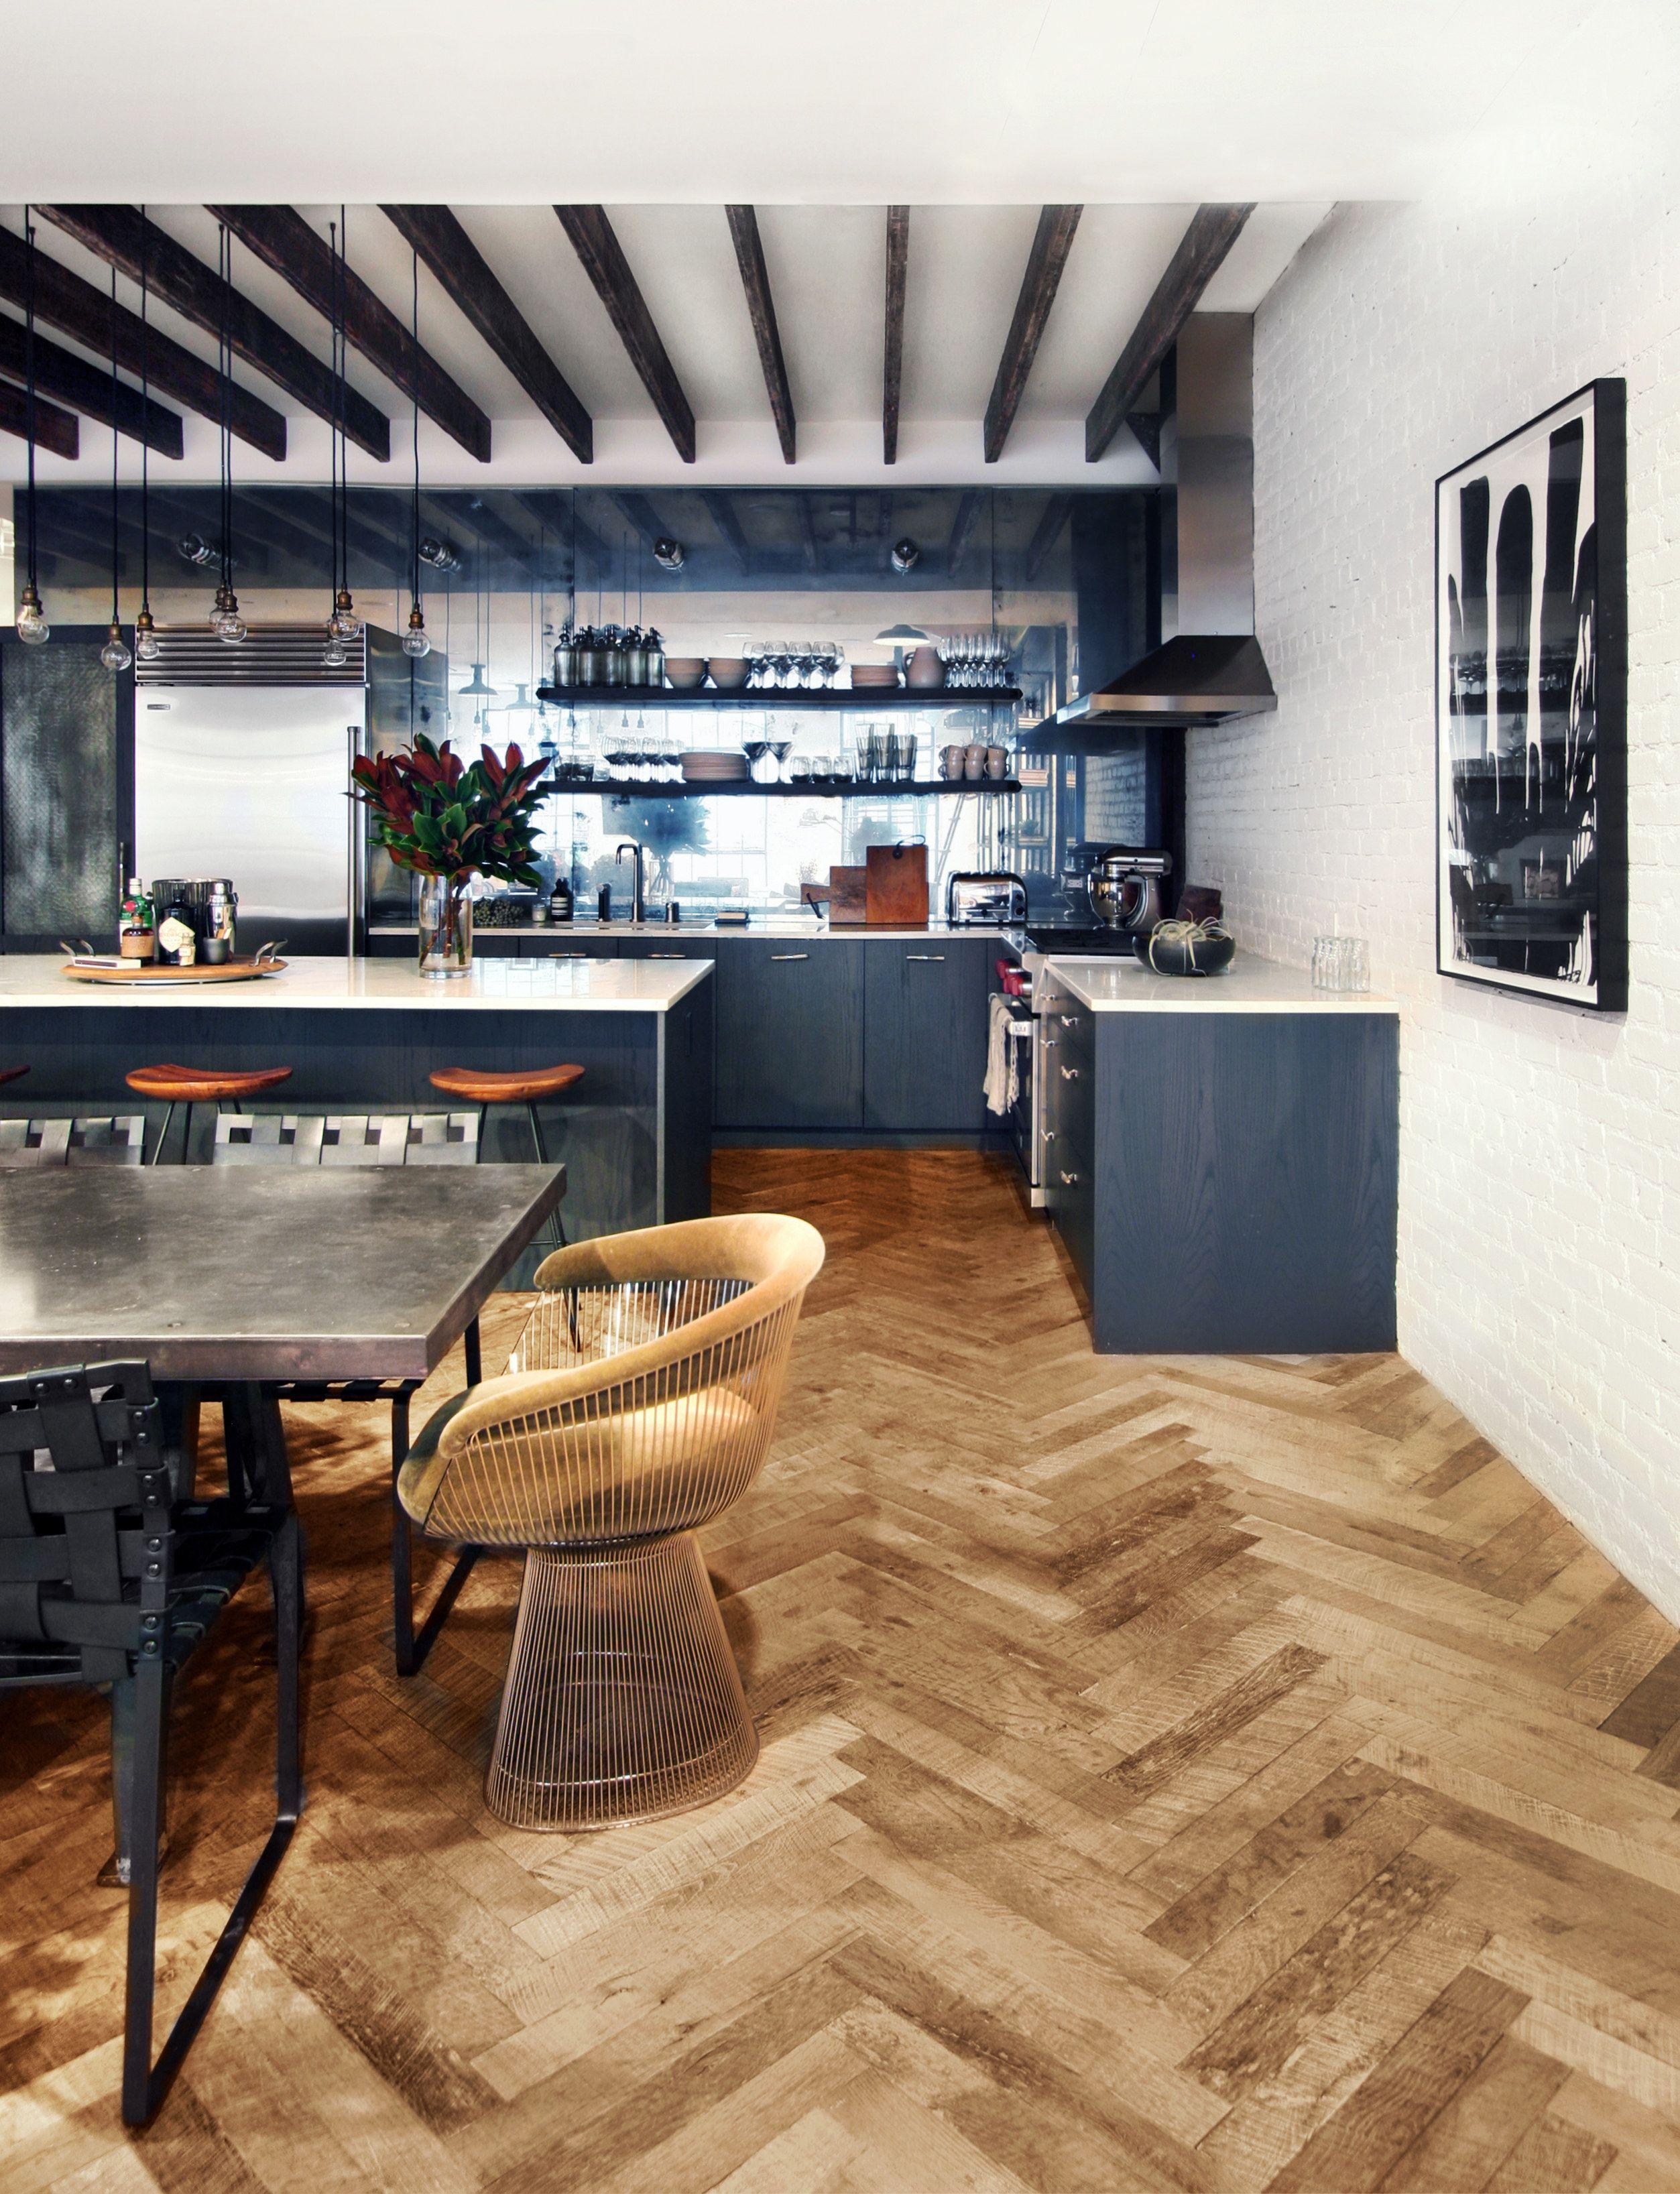 Küchenideen und designs  ingenious ideas to steal for your small kitchen  küchenideen